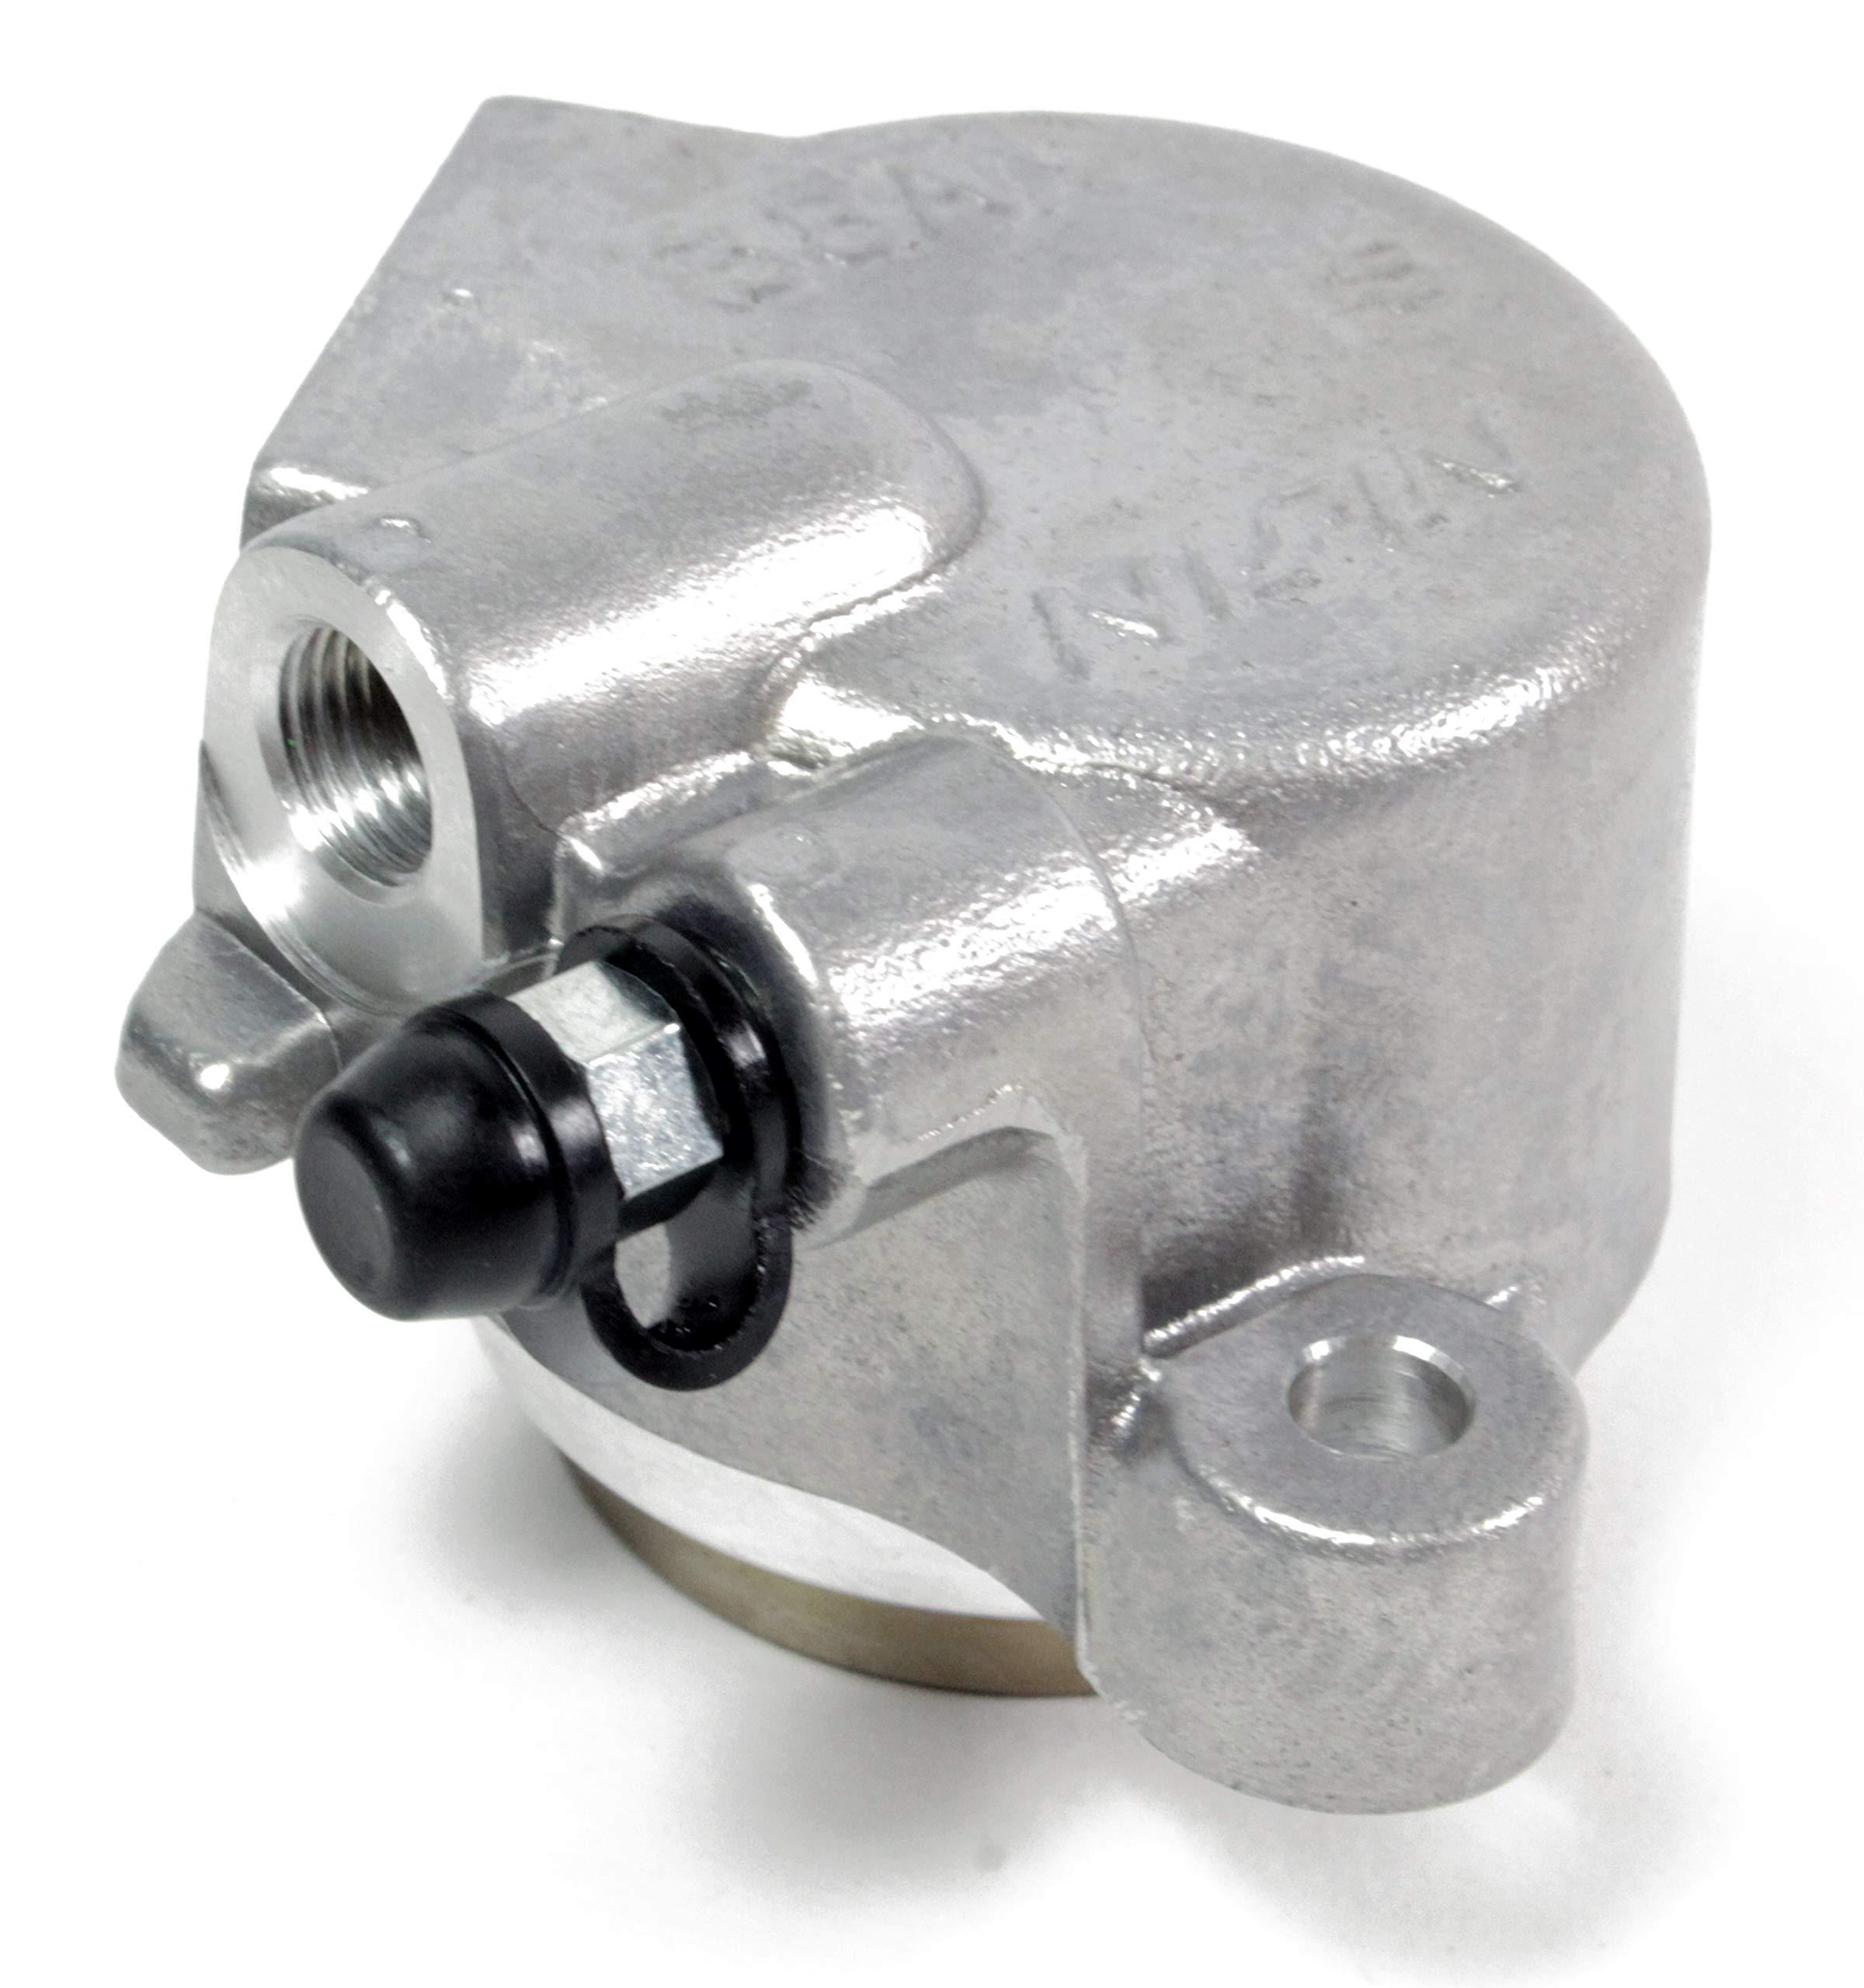 23160-38A01-000 Suzuki Cylinder,clutch release 2316038A01000 by Suzuki